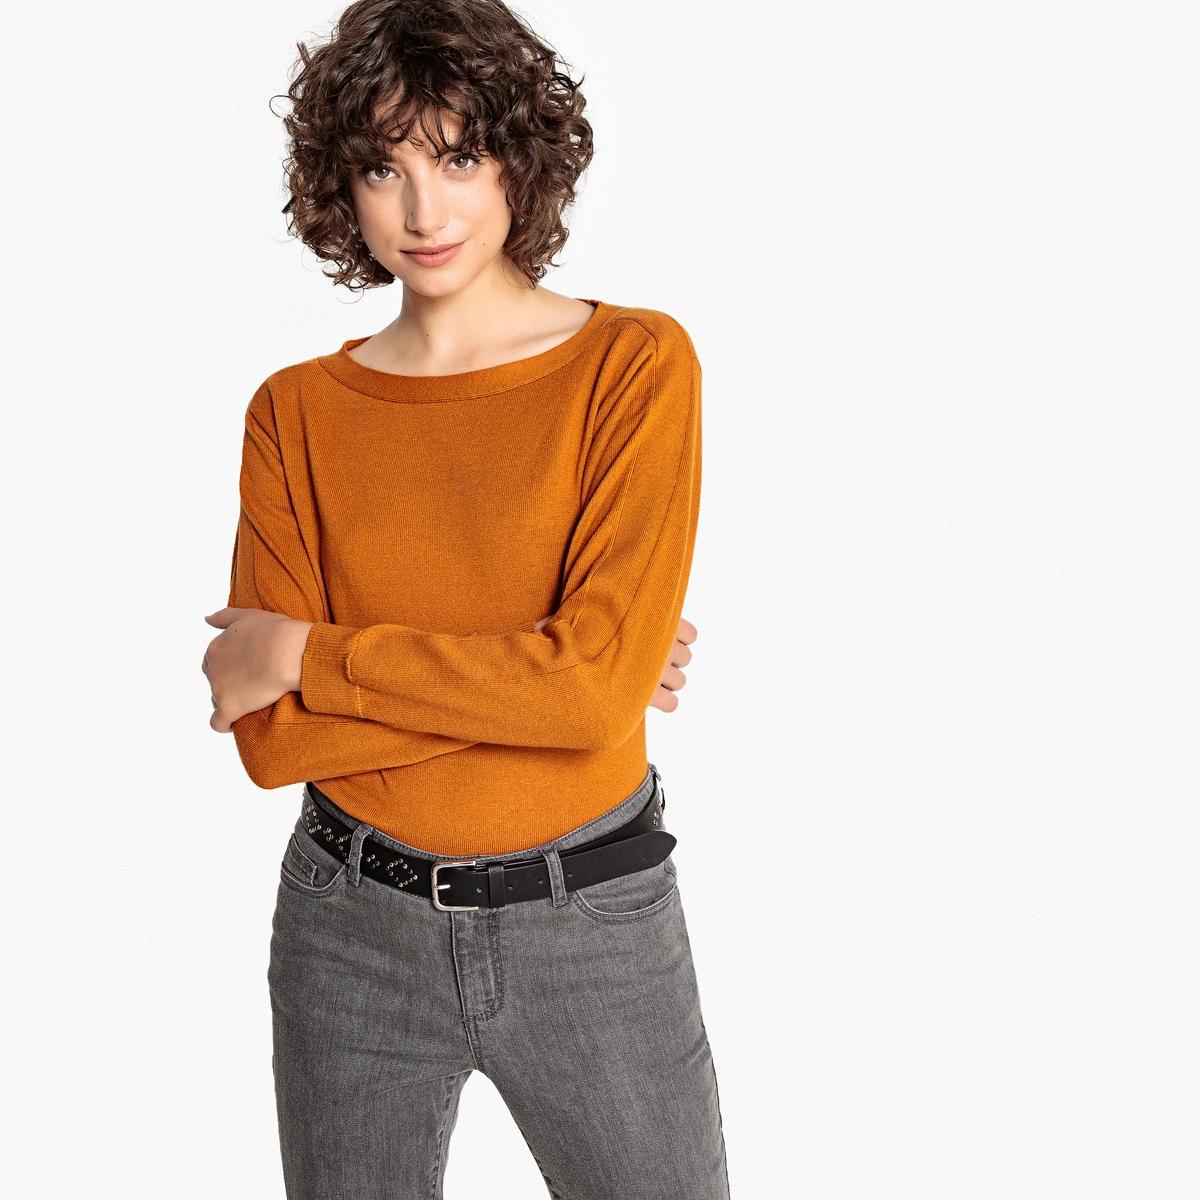 Jersey cuello barco, algodón y cachemir